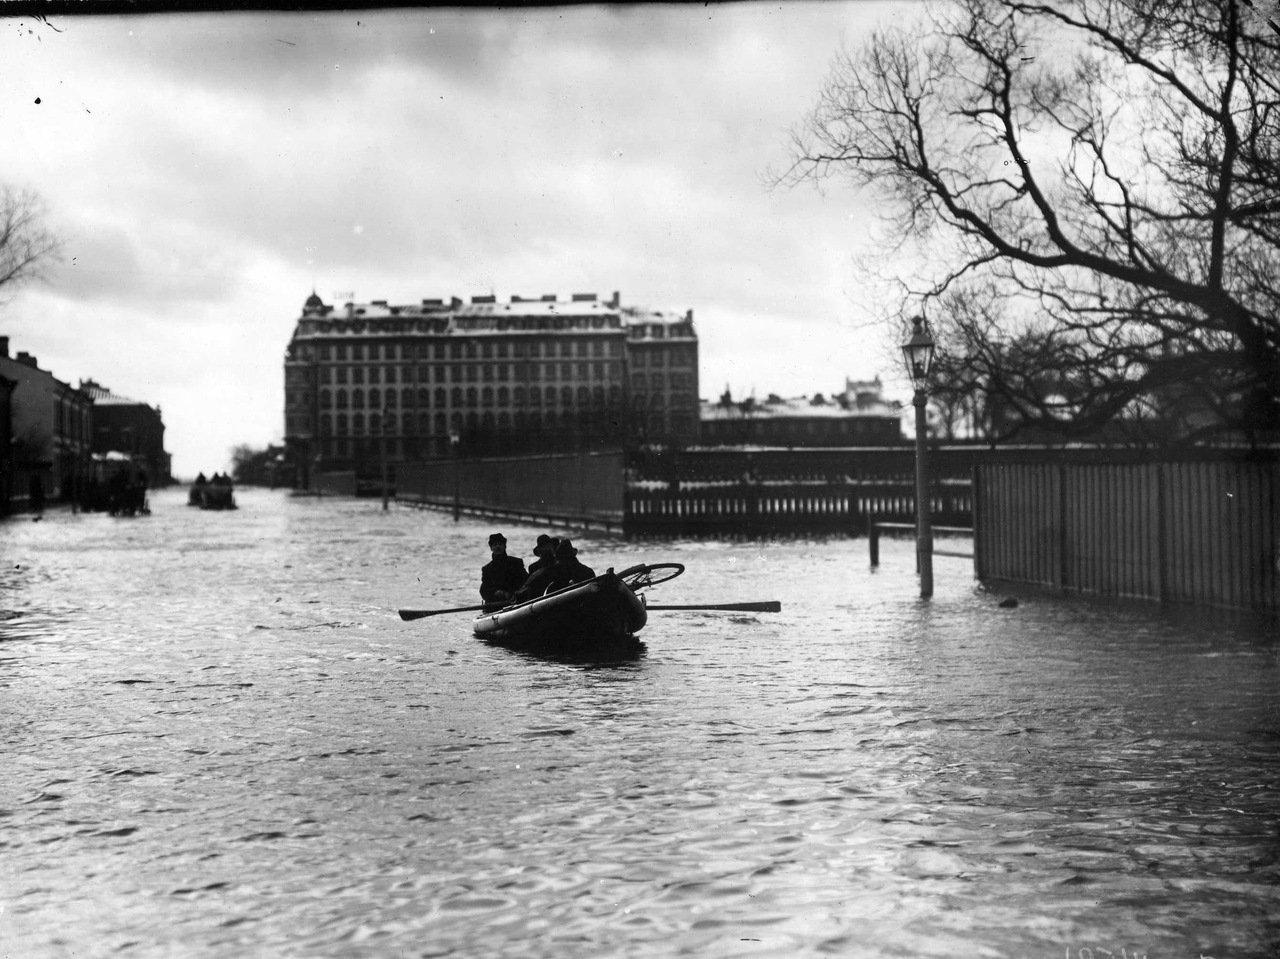 1903. Наводнение. Большой проспект Васильевского острова. 12 октября